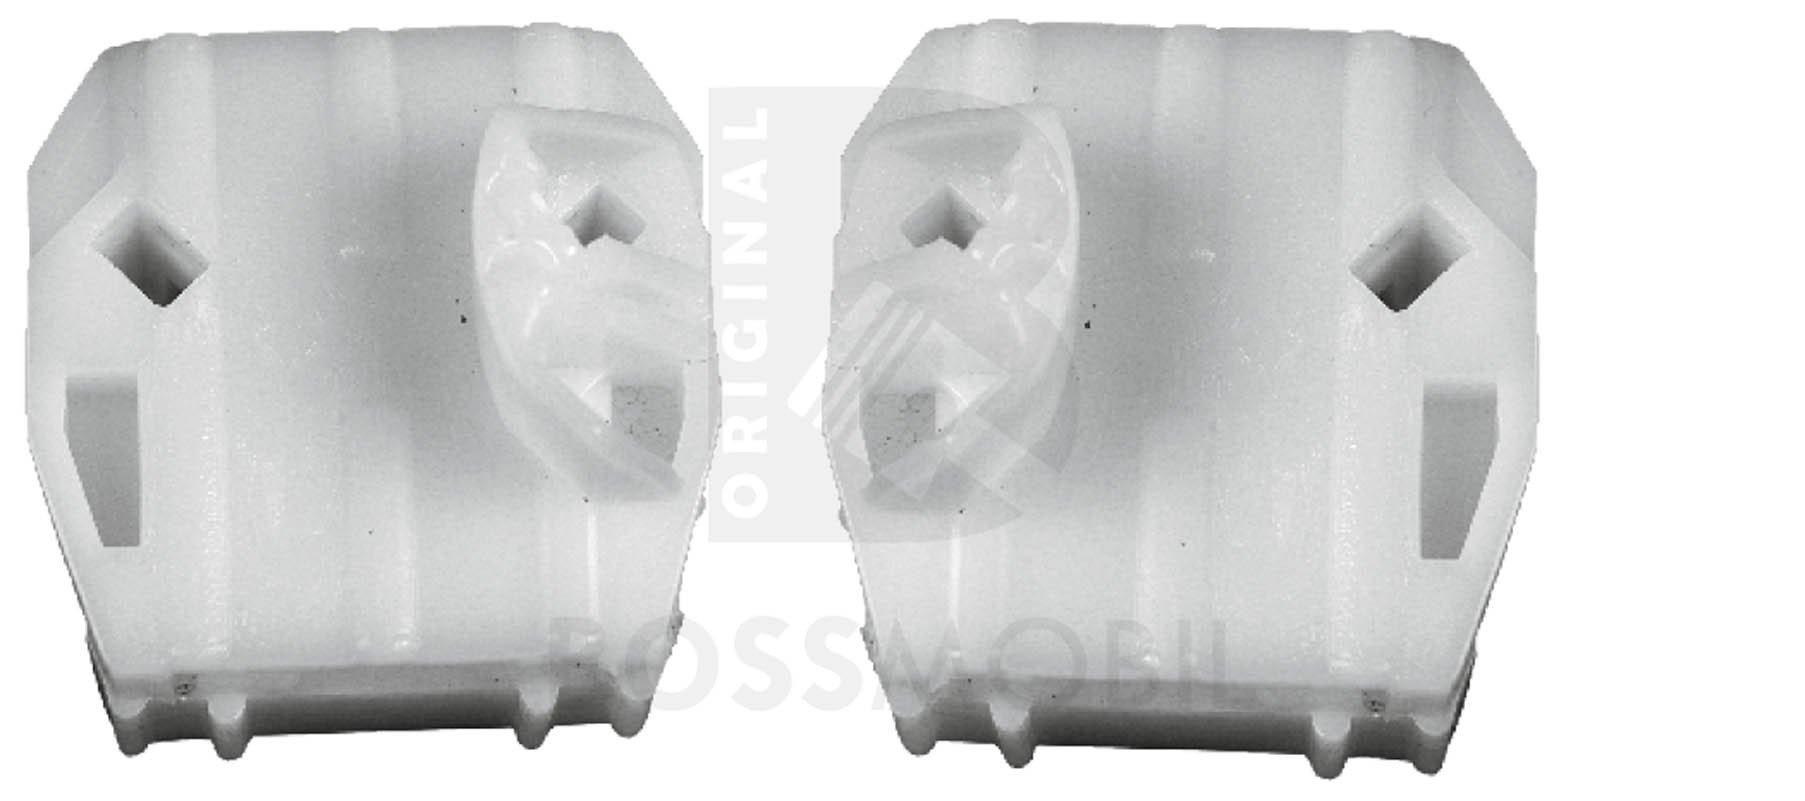 Bossmobil TRANSPORTER T4 Bus kit de reparaci/ón de elevalunas el/éctricos 70XB, 70XC, 7DB, 7DW,70XA, 70XD Delantero derecho